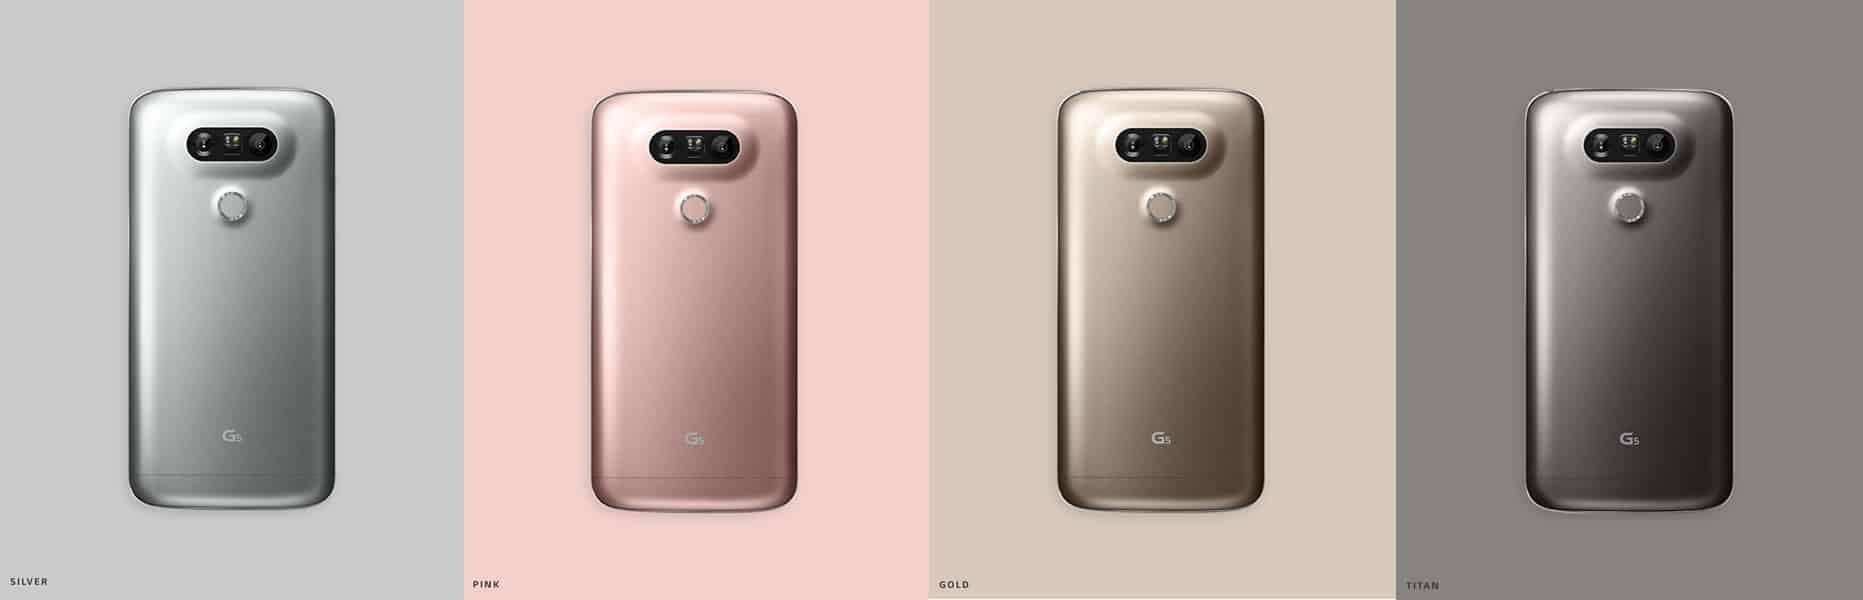 Distintos colores del LG G5.